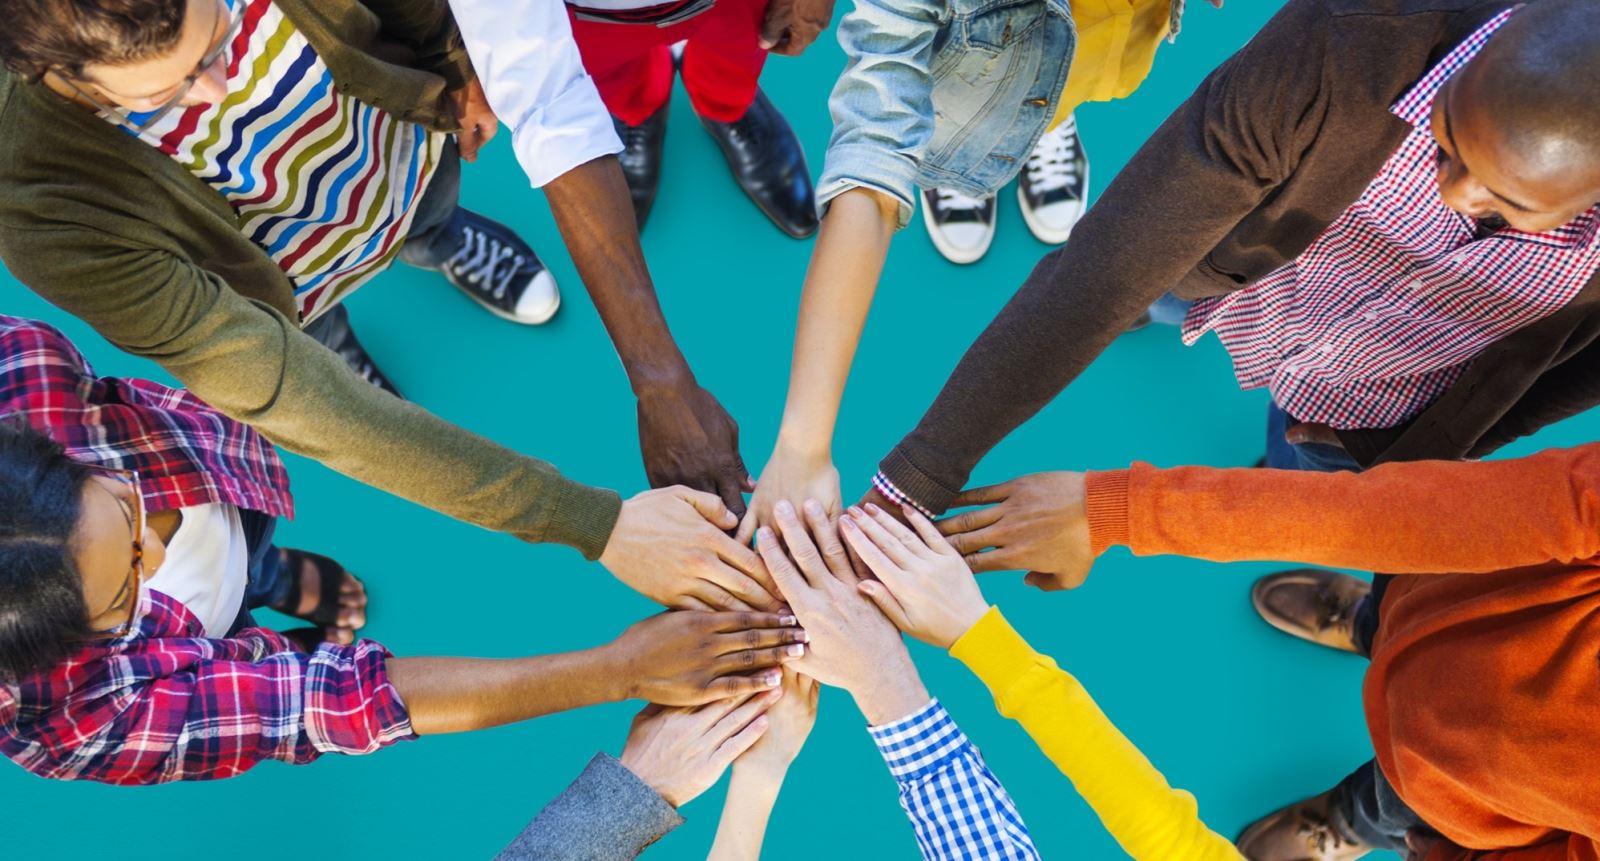 מחברים את התלמידים באילת